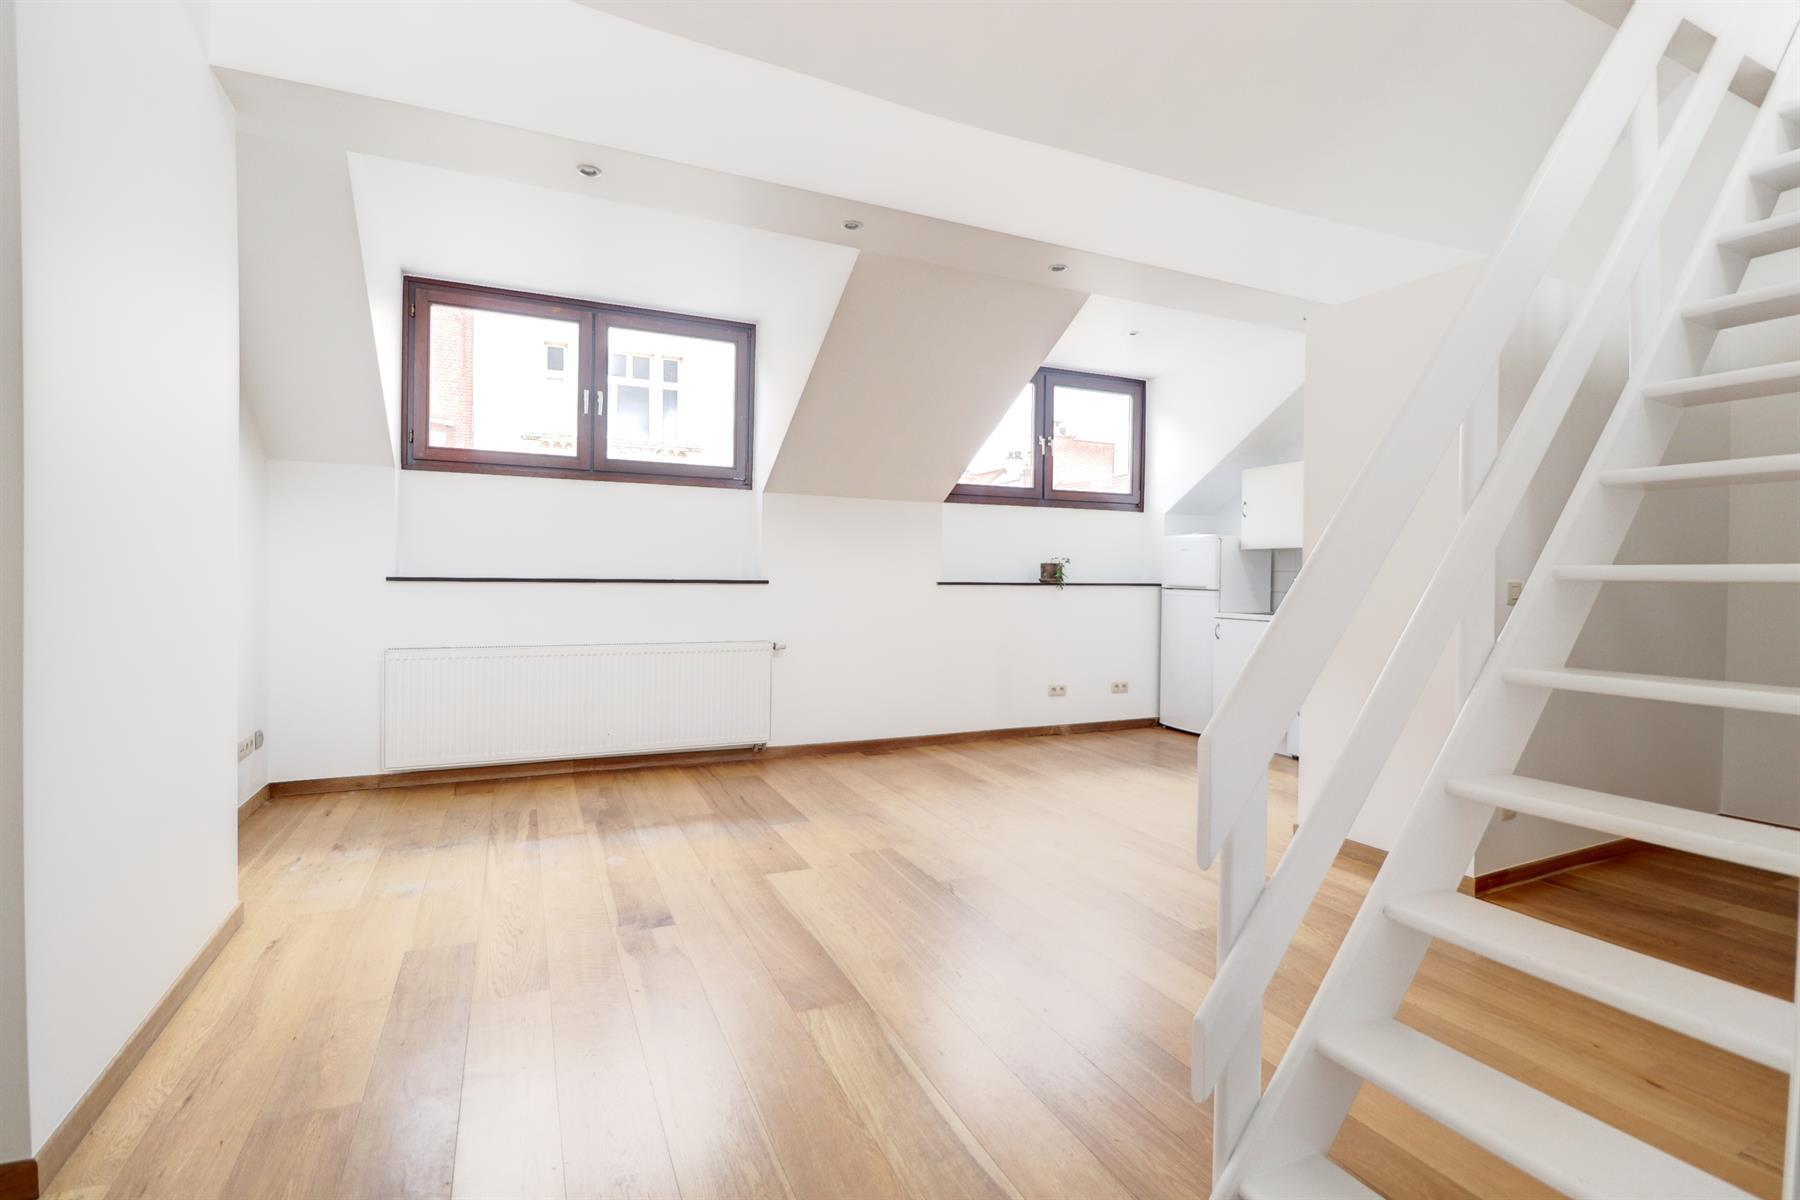 Duplex - Ixelles - #4389259-1